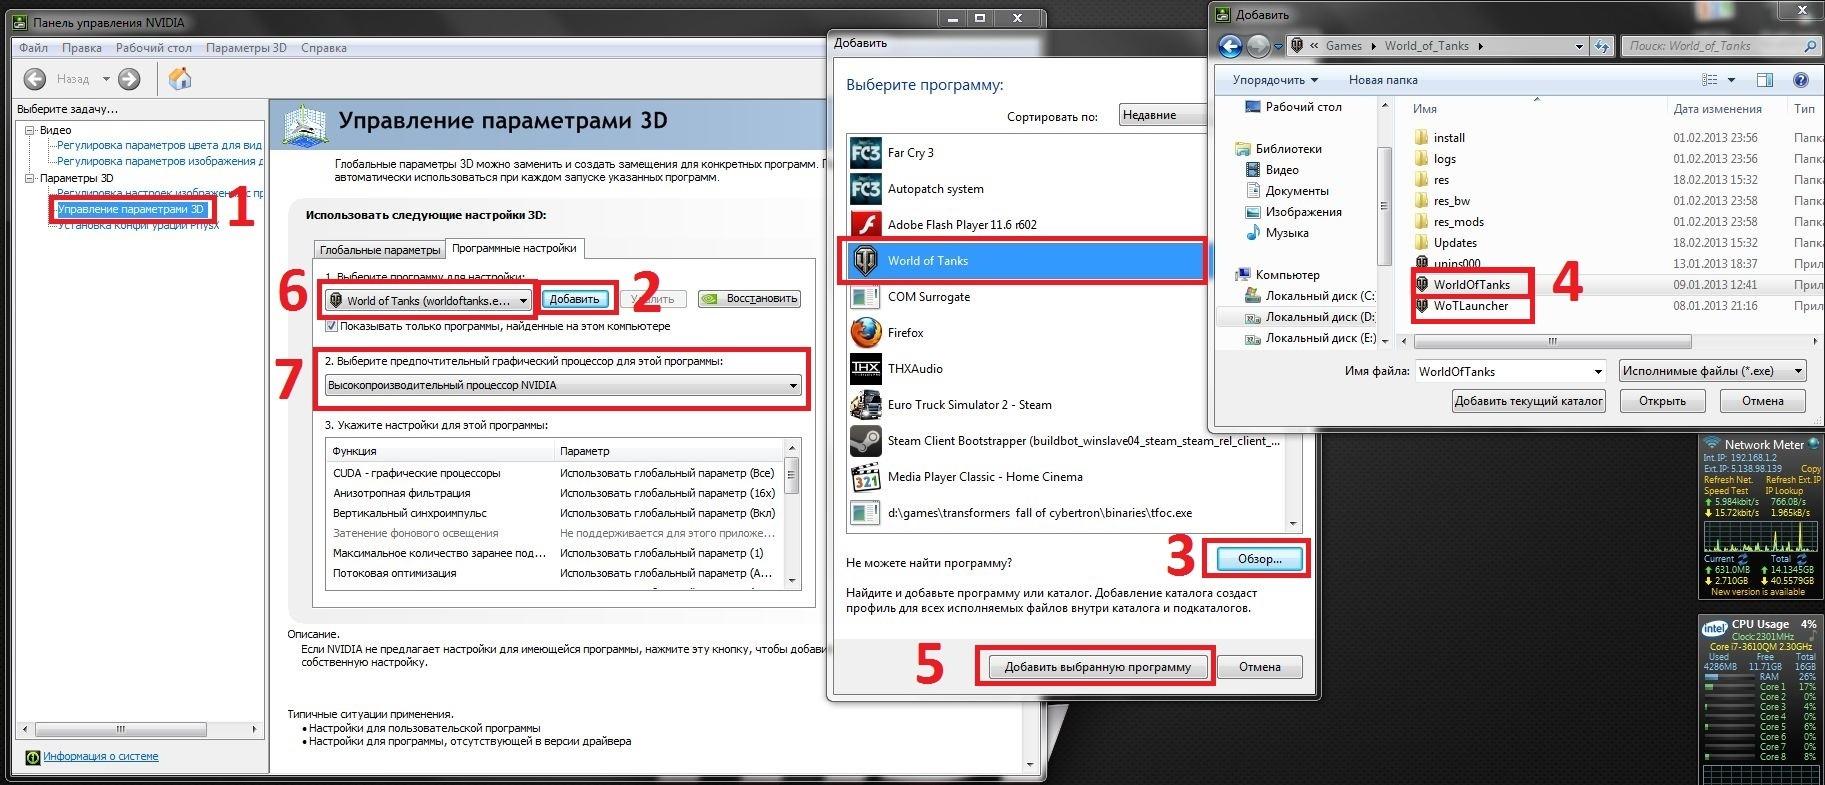 Как сделать на ноутбуке второго пользователя